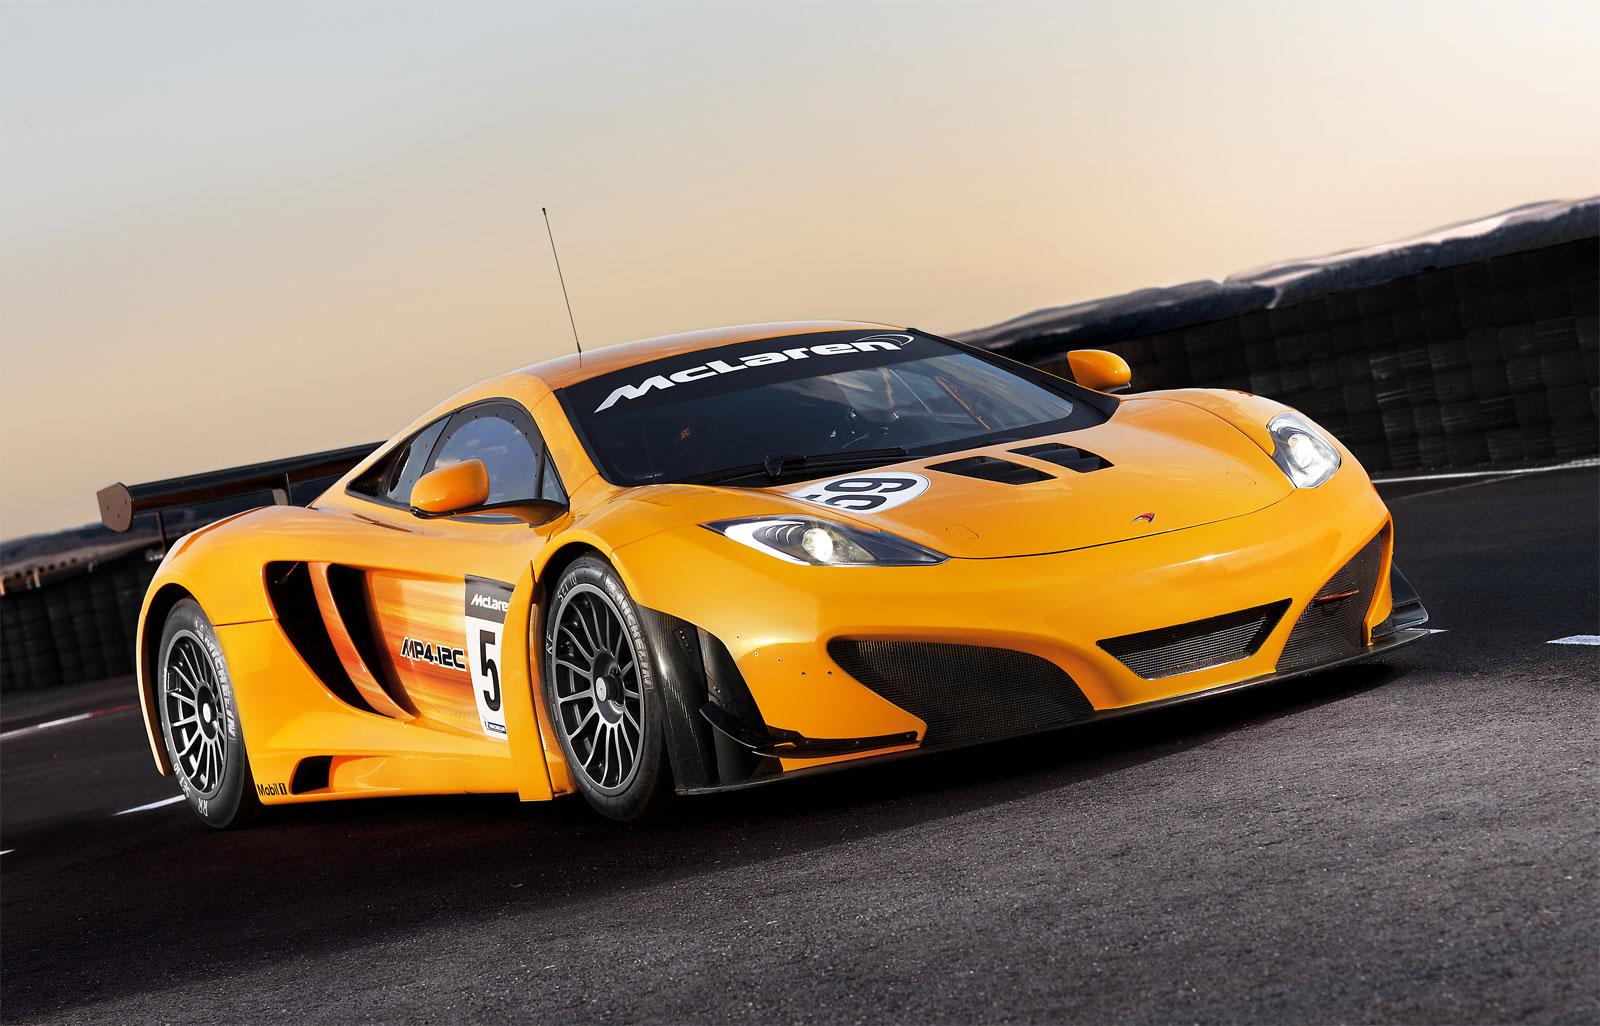 Fotos de carros de luxo esportivos - zun.com.br